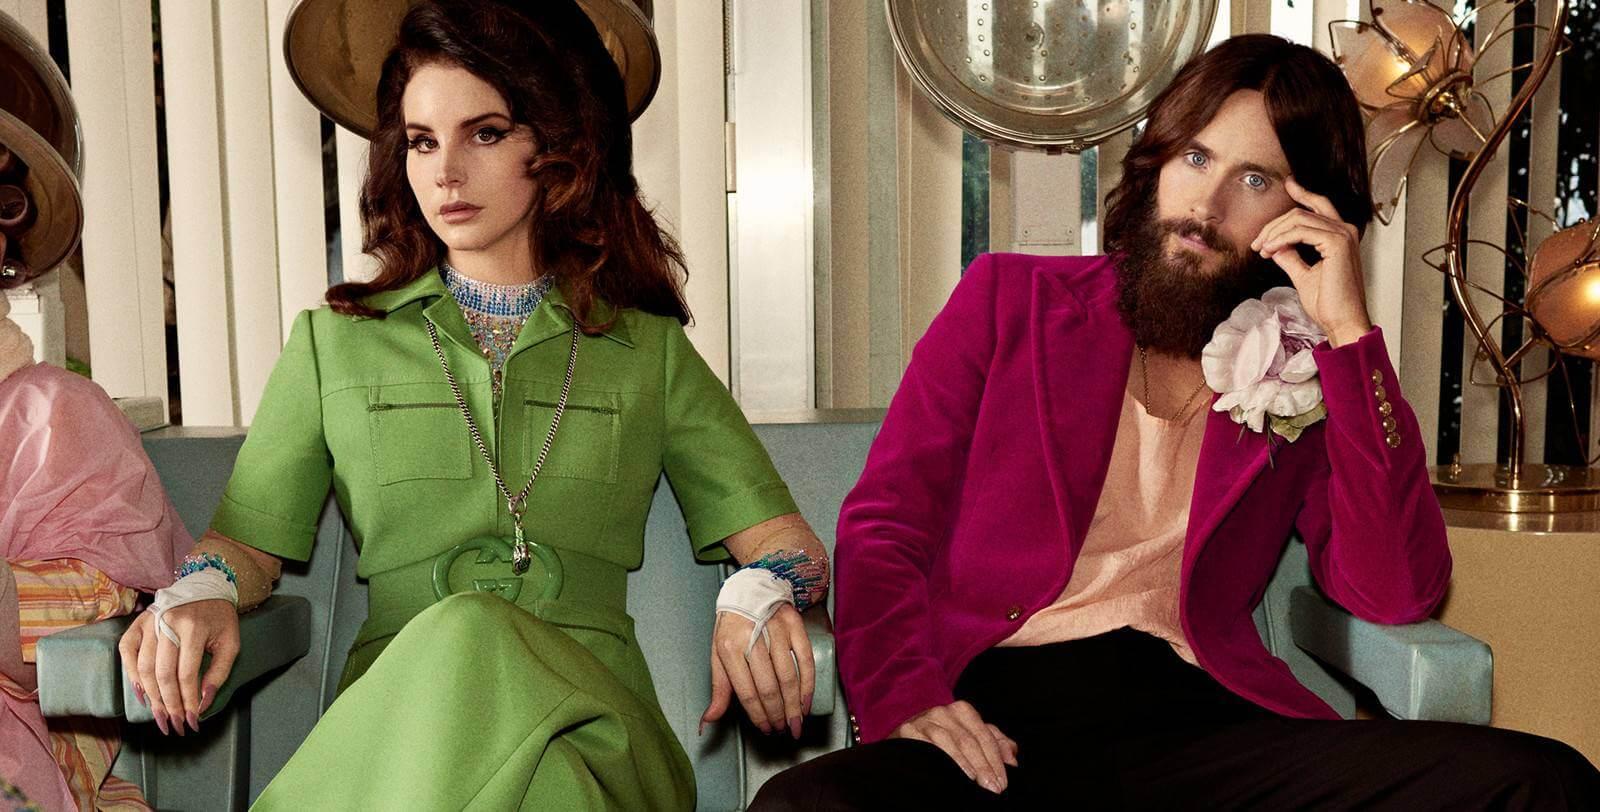 Lana Del Rey y Jared Leto se rodean de criaturas salvajes en la nueva campaña de Gucci